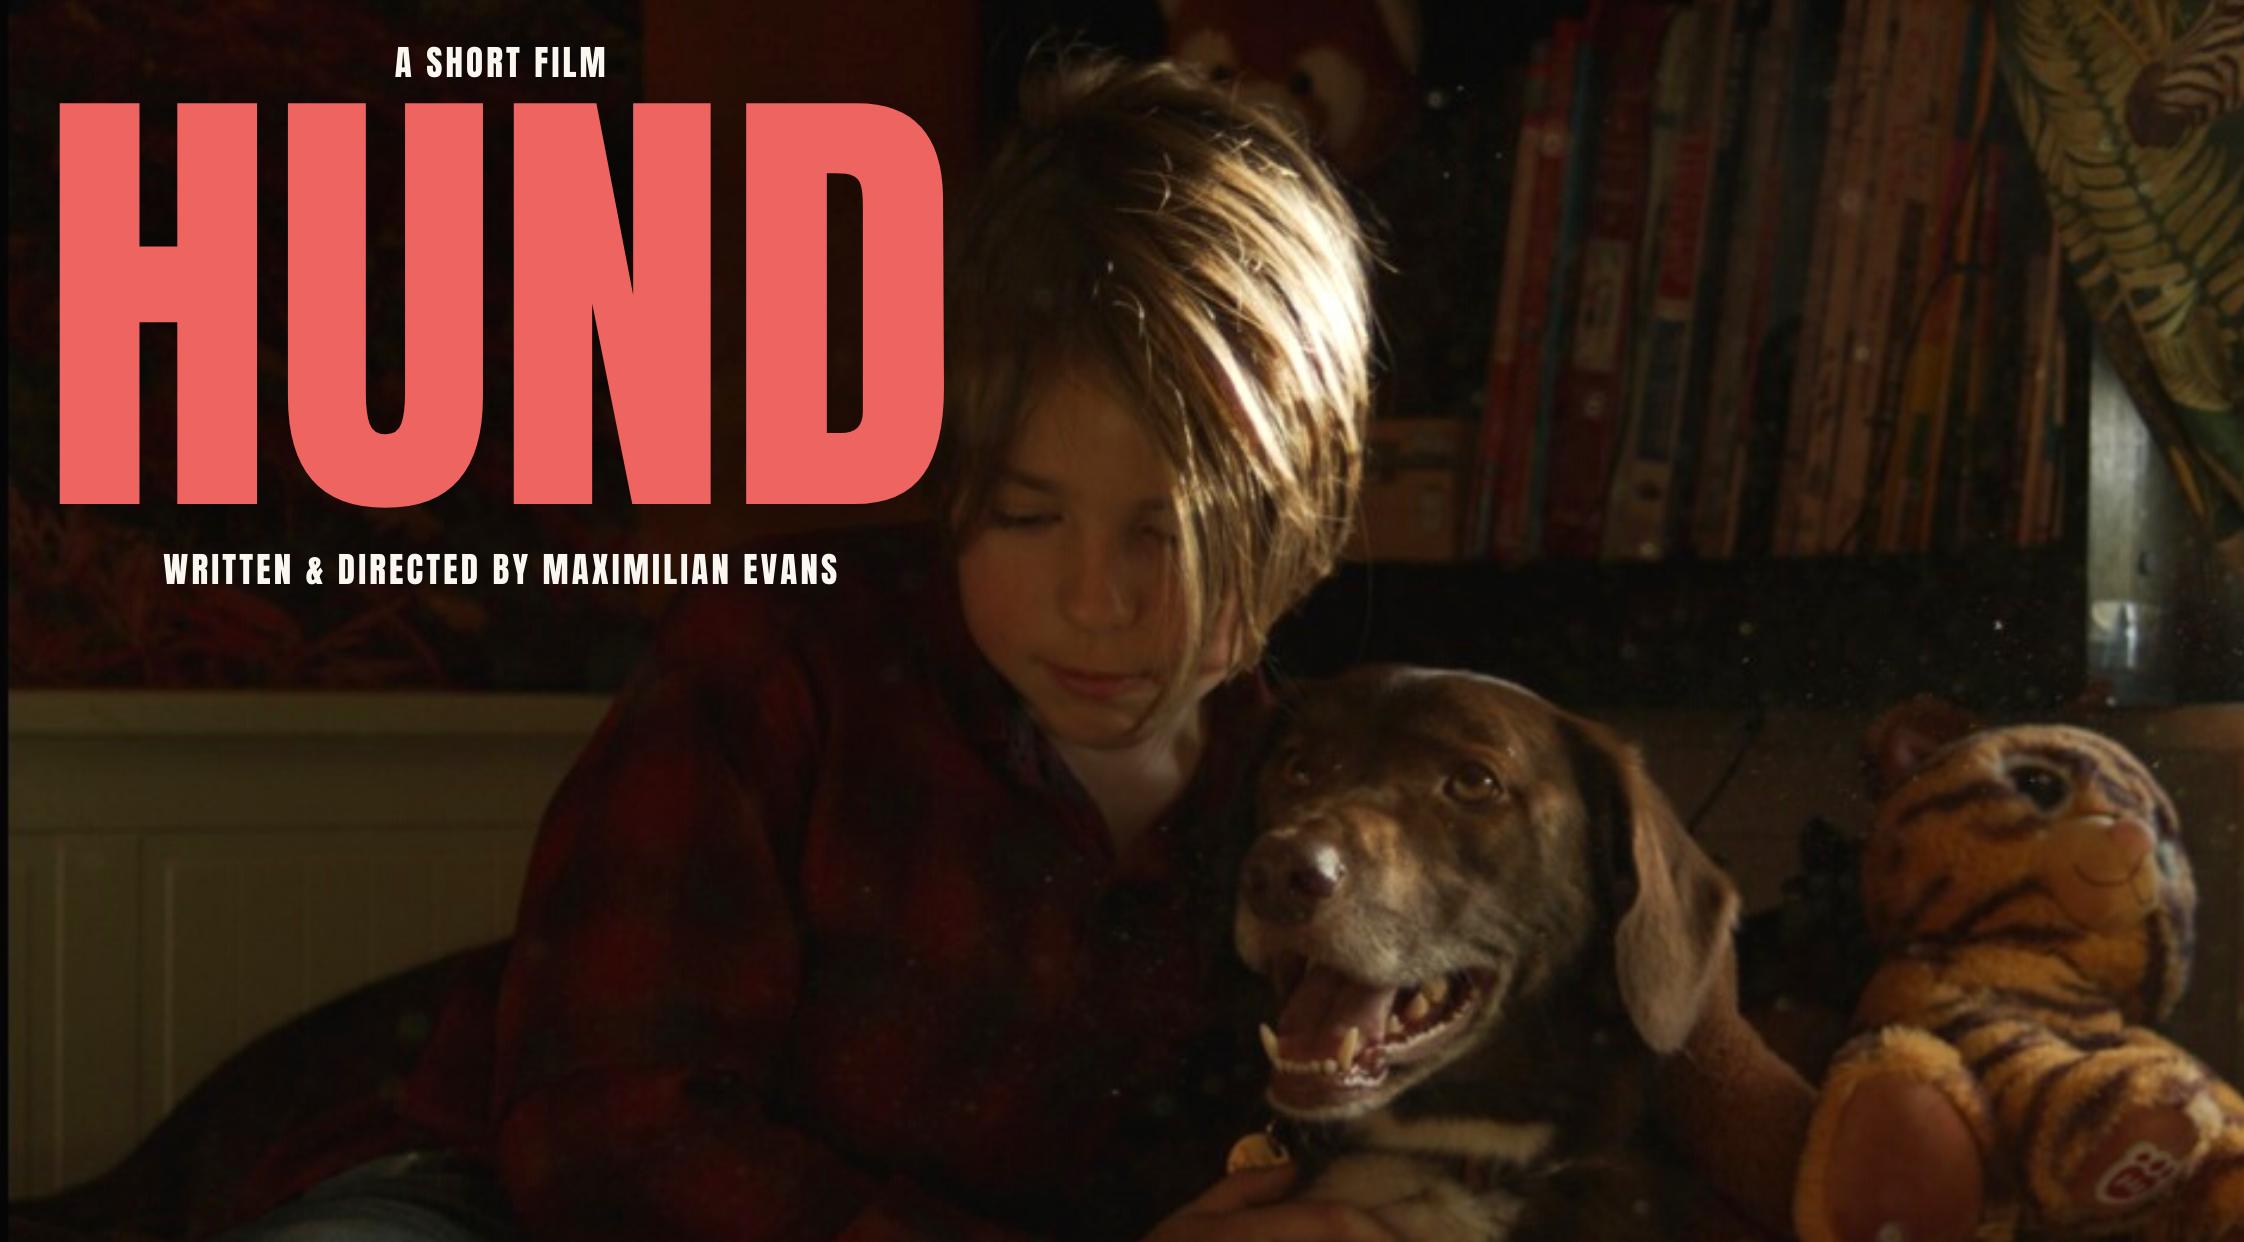 Hund Film Poster